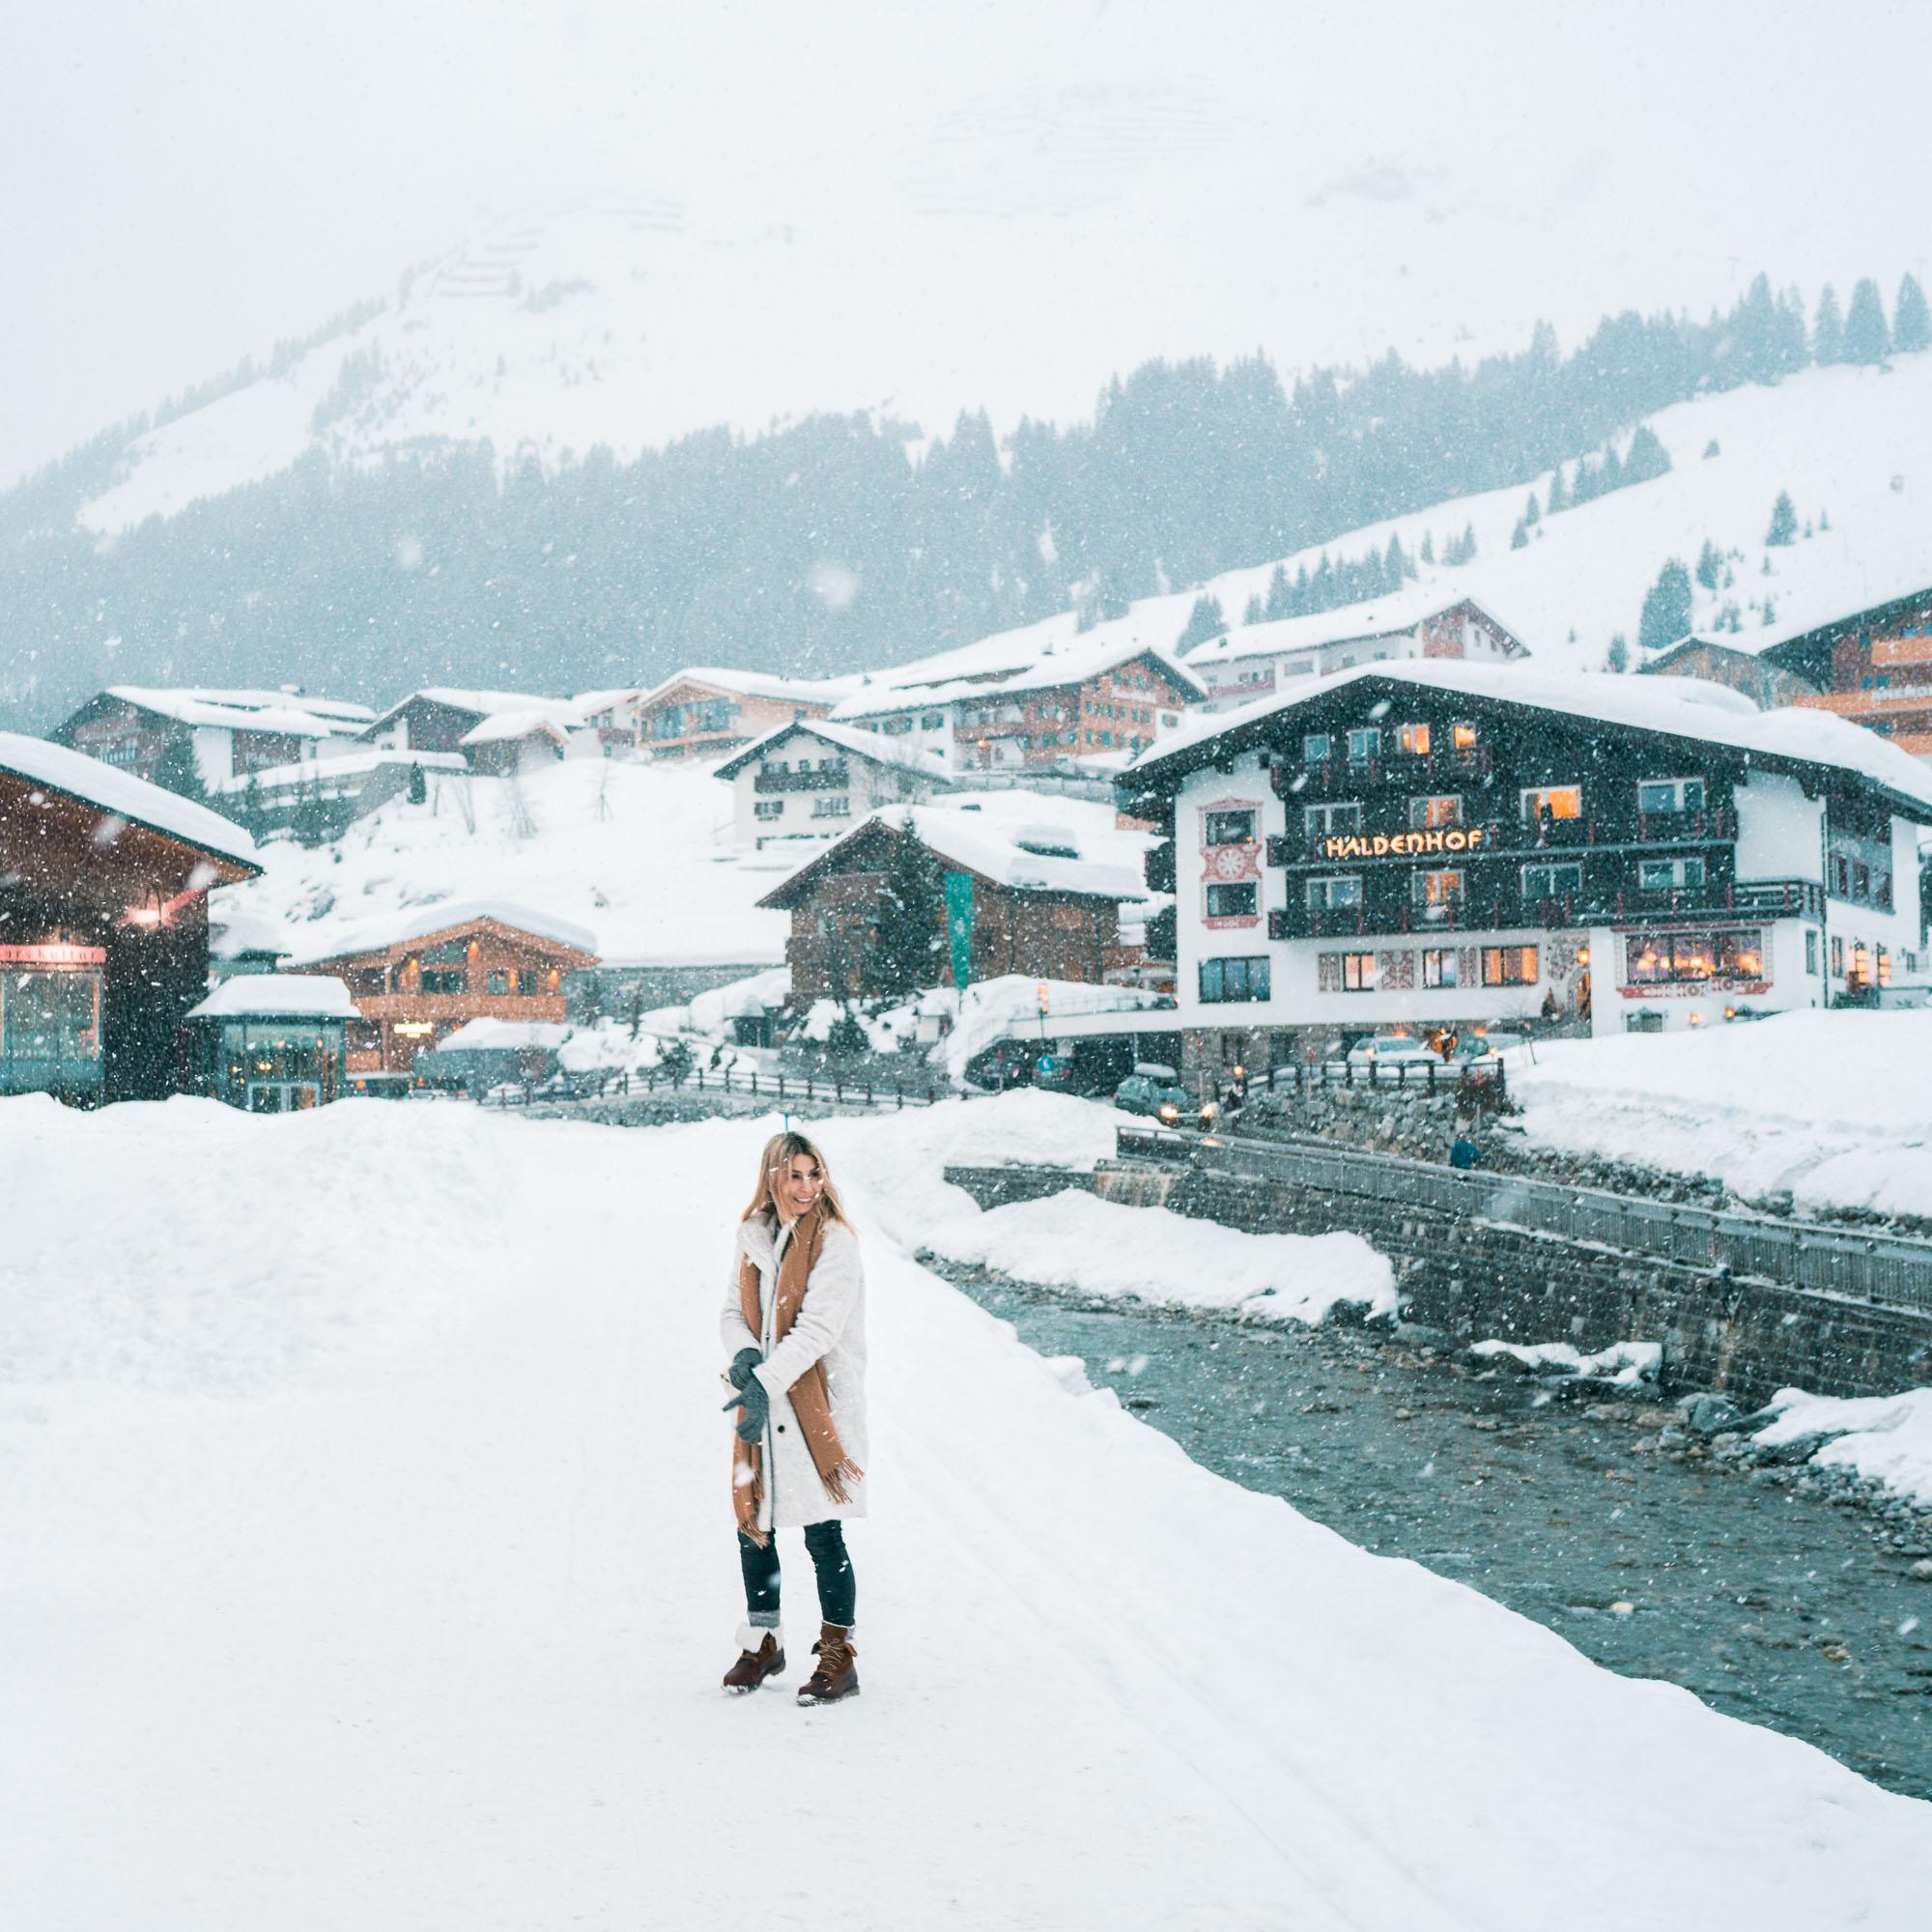 Luxury Hotels In Lech Austria